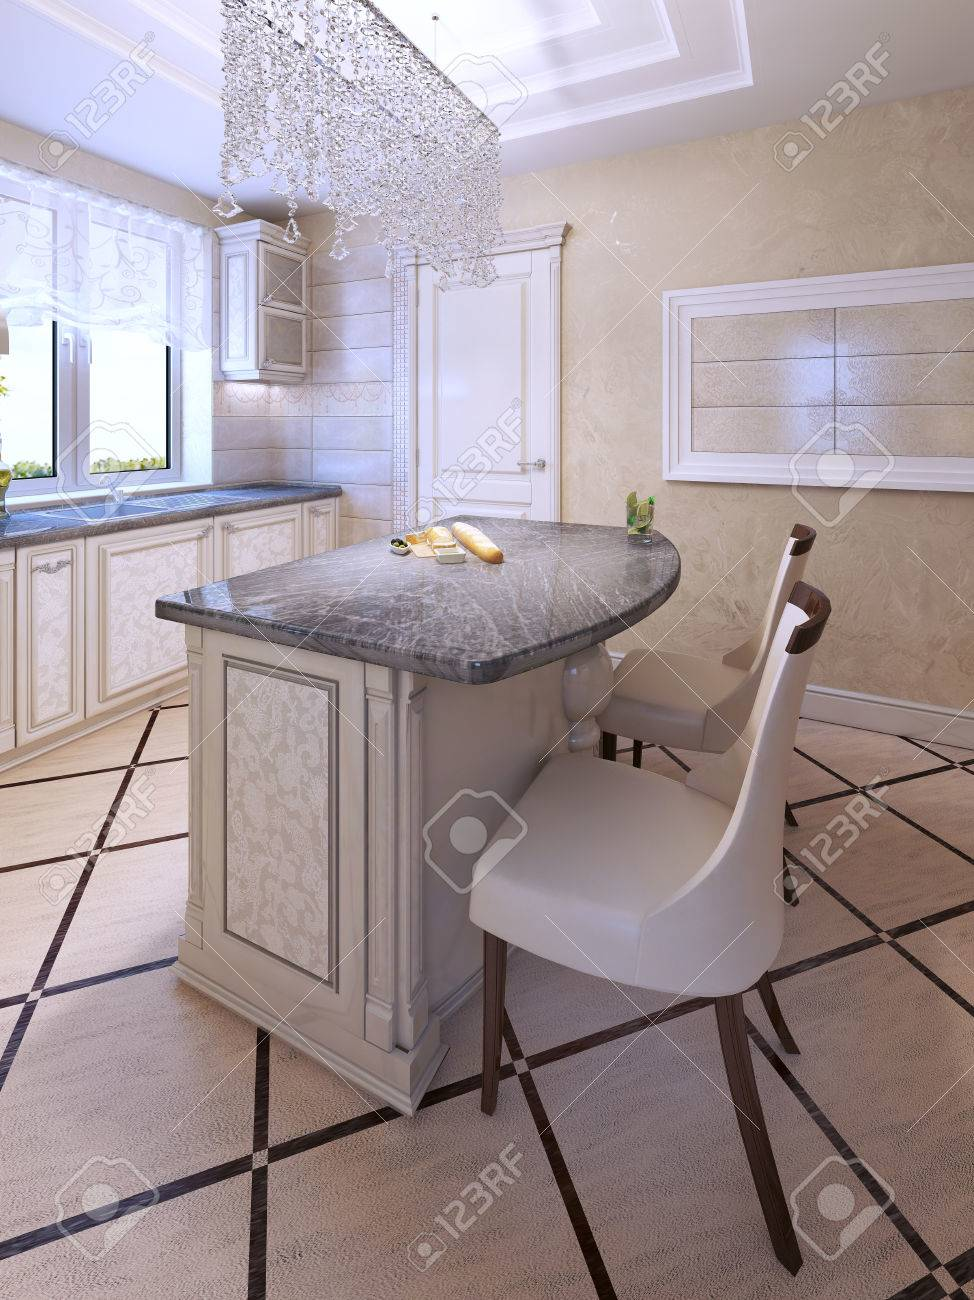 Niedlich Kücheninsel Stuhl Dimensionen Fotos - Ideen Für Die Küche ...